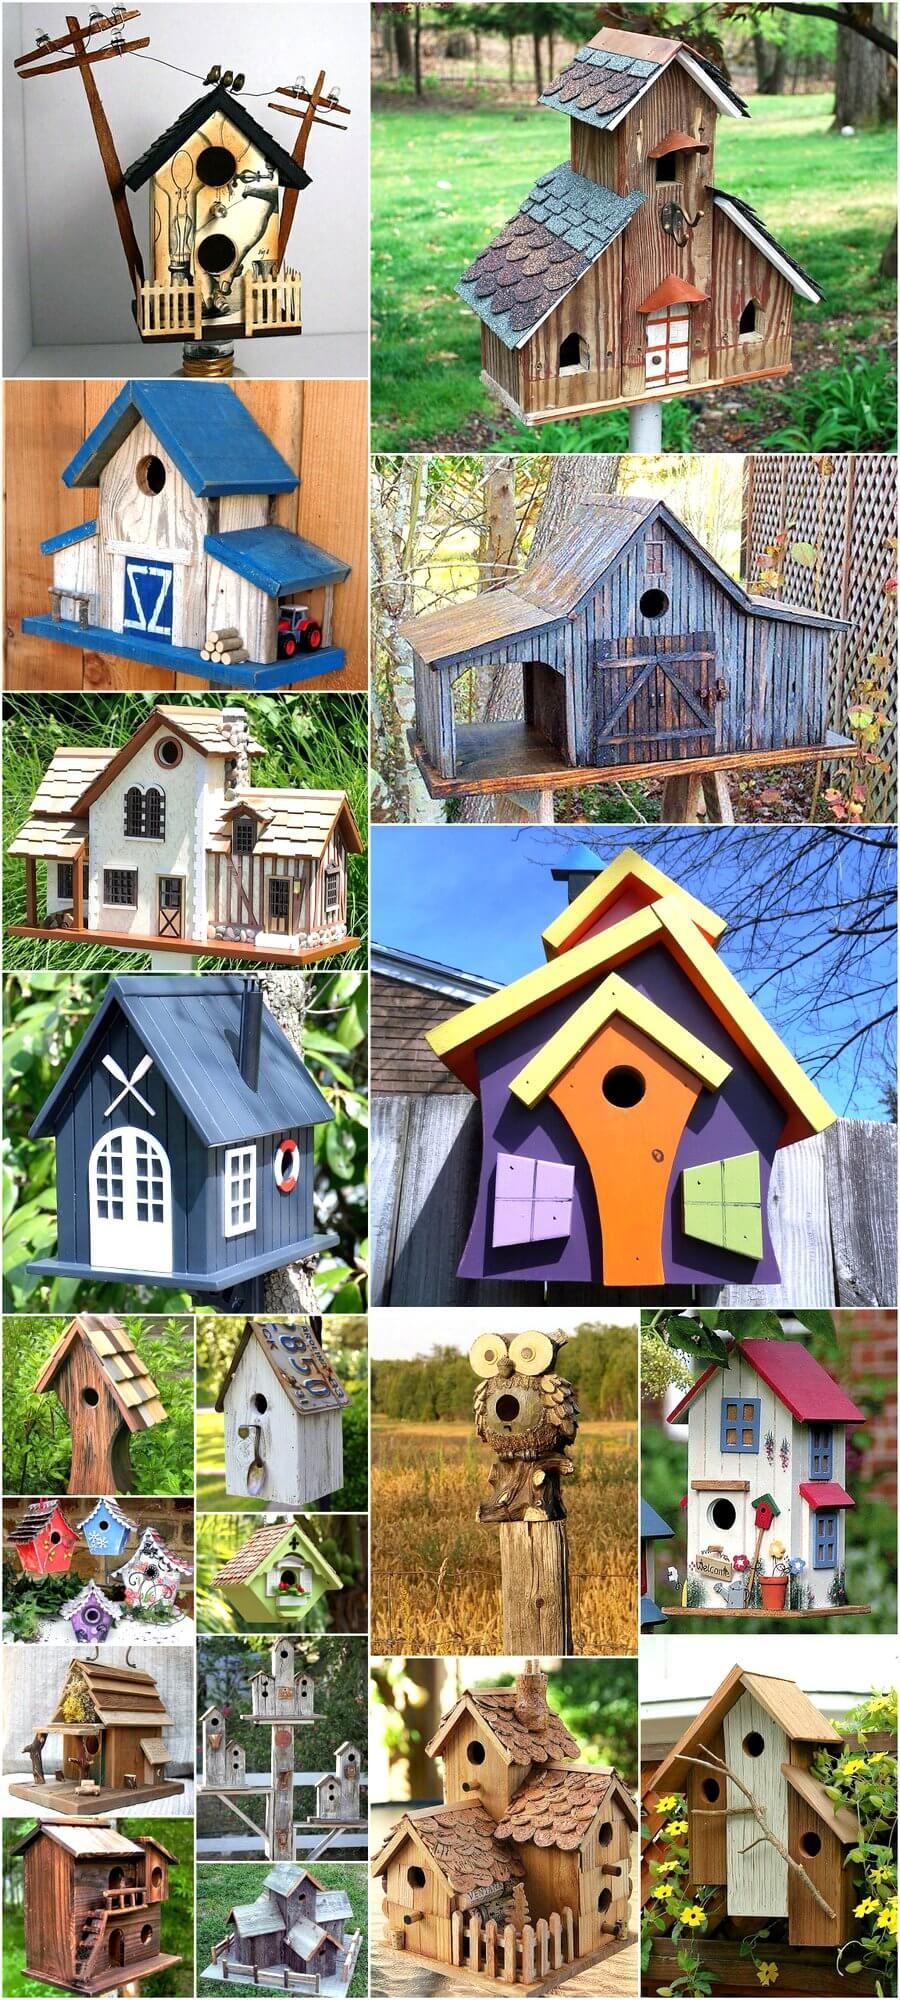 Cute Diy Ideas For Birdhouses In 2020 Bird Houses Bird Houses